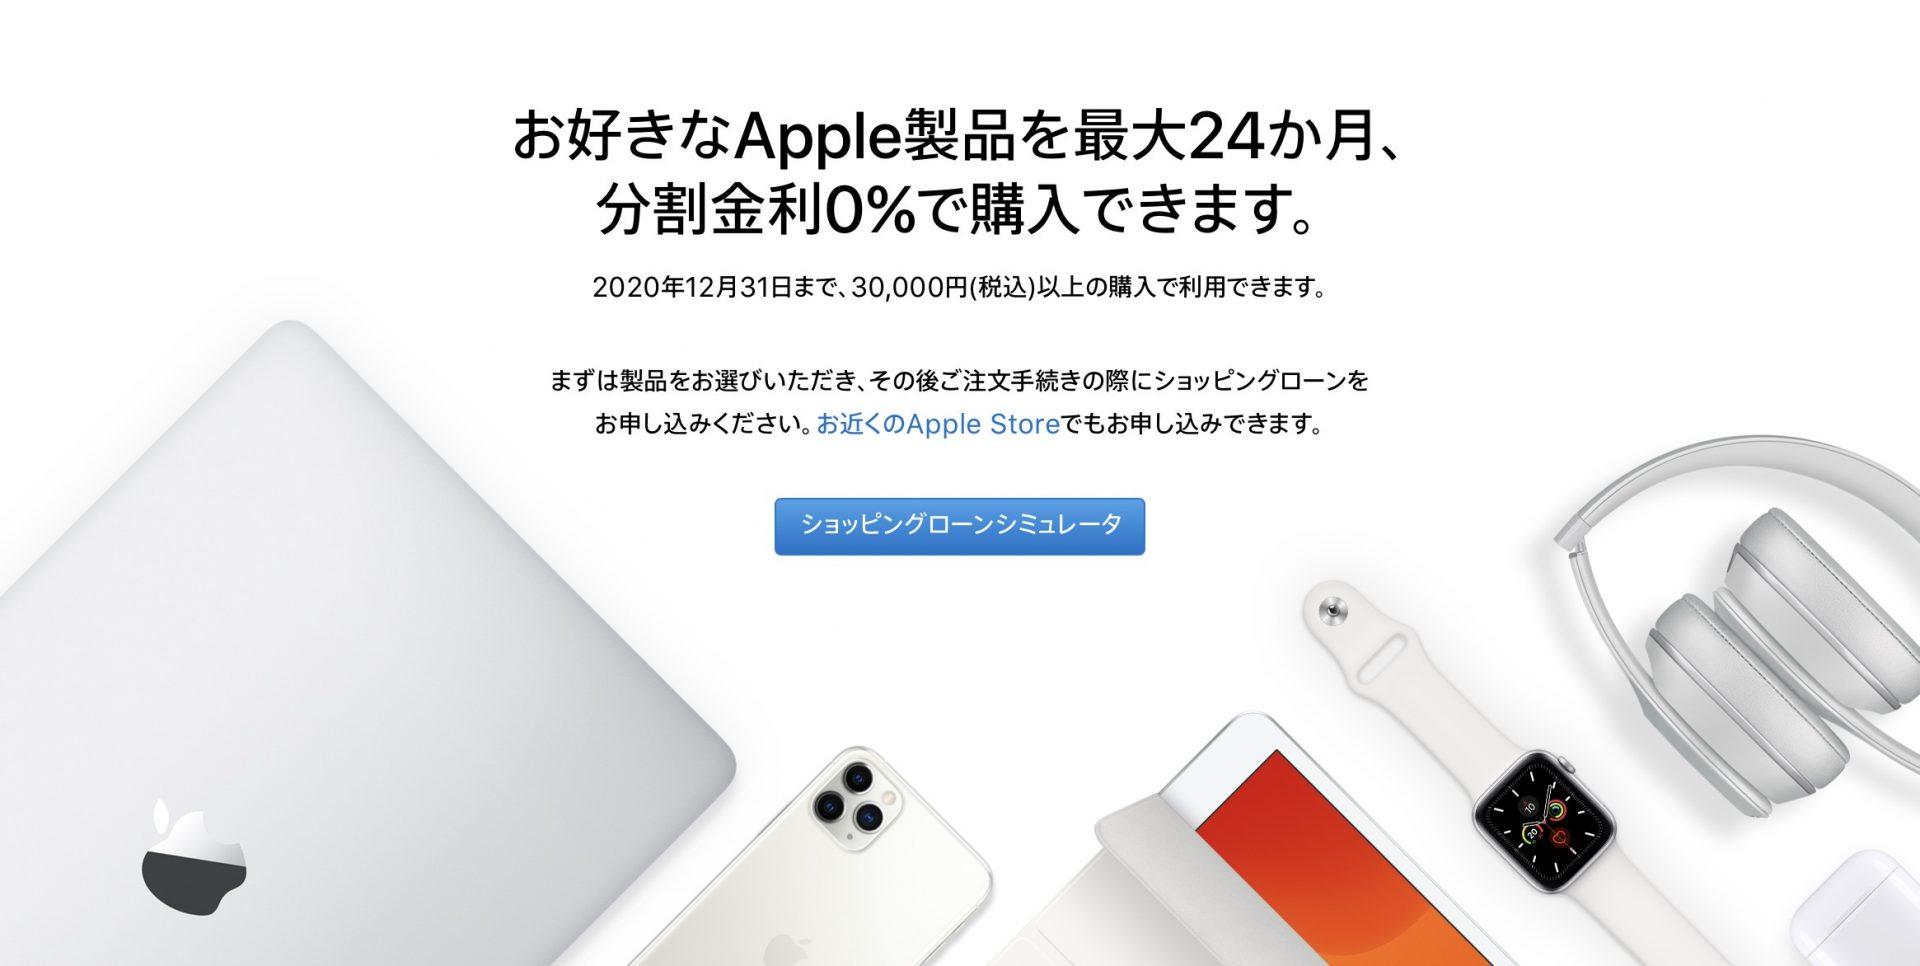 Apple 公式サイトにて「ローン金利0%キャンペーン」が実施中 (2020年12月31日まで)